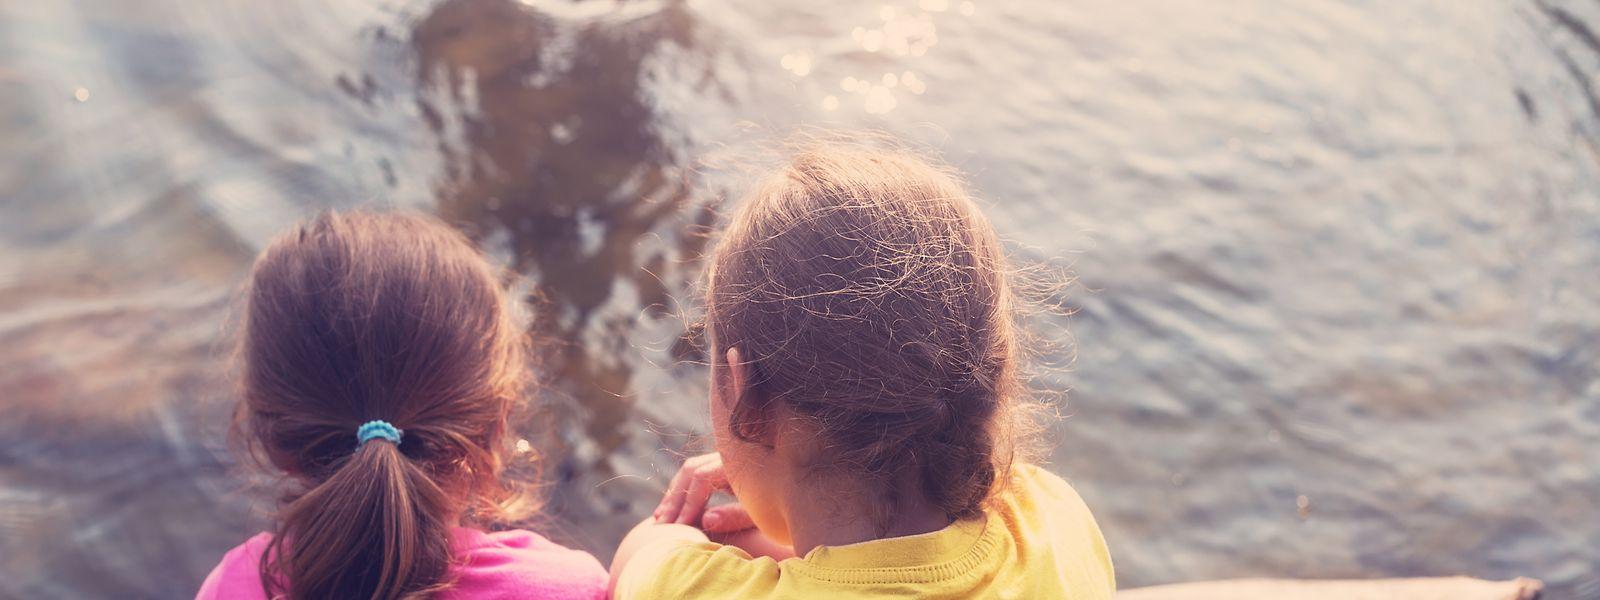 Besonders Alleinerziehende und Kinder sind in Luxemburg dem Armutsrisiko ausgesetzt.